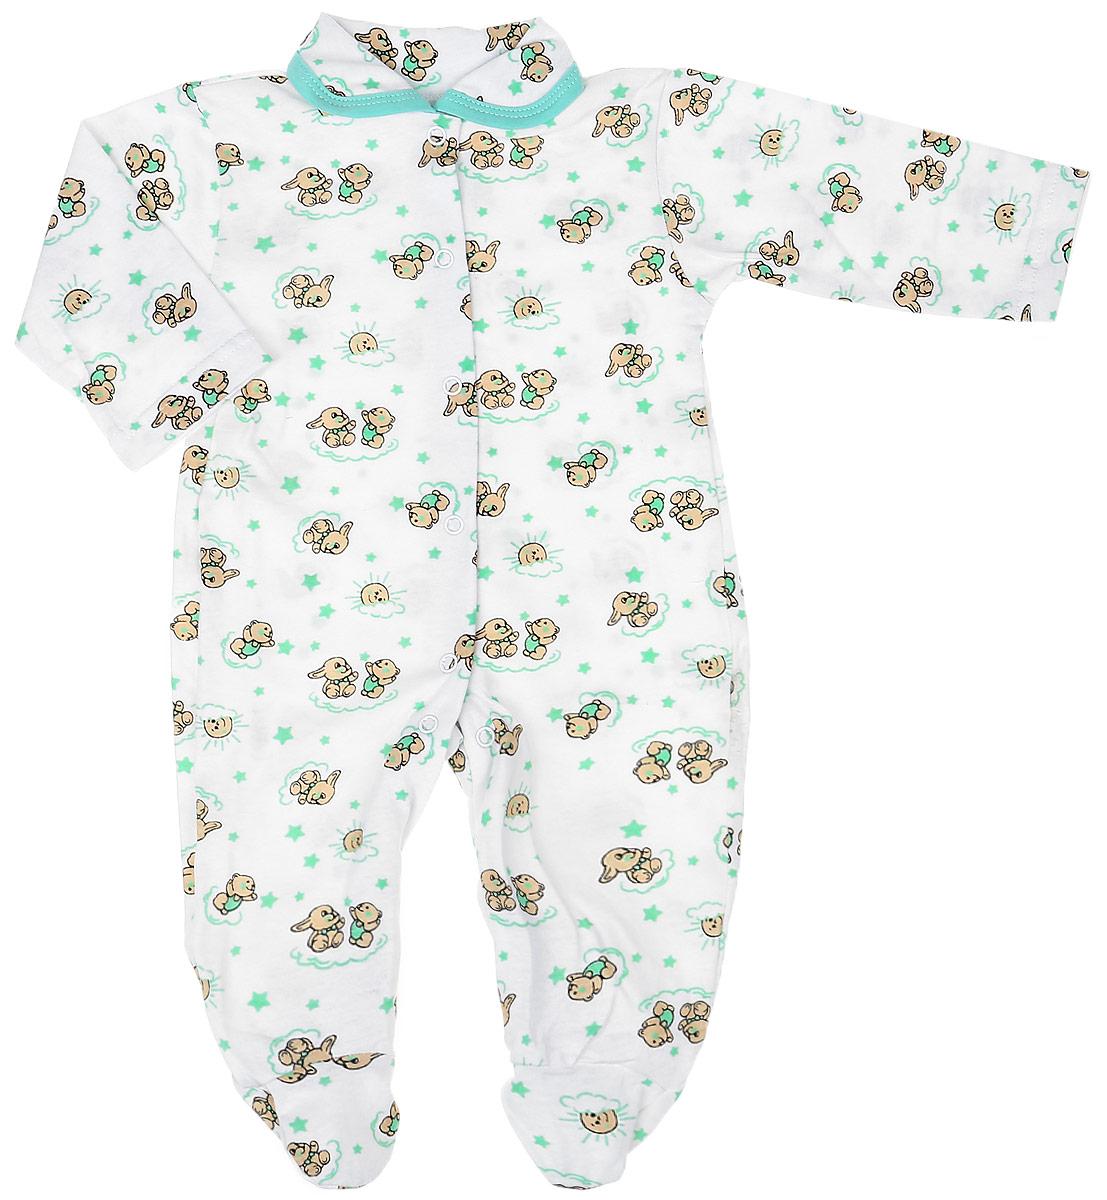 Комбинезон детский Чудесные одежки, цвет: белый, салатовый. 5805. Размер 745805Детский комбинезон Чудесные одежки выполнен из натурального хлопка.Комбинезон с отложным воротничком, длинными рукавами и закрытыми ножками имеет застежки-кнопки спереди и на ластовице, которые помогают легко переодеть младенца или сменить подгузник. Изделие оформлено принтом с изображением зайчиков.